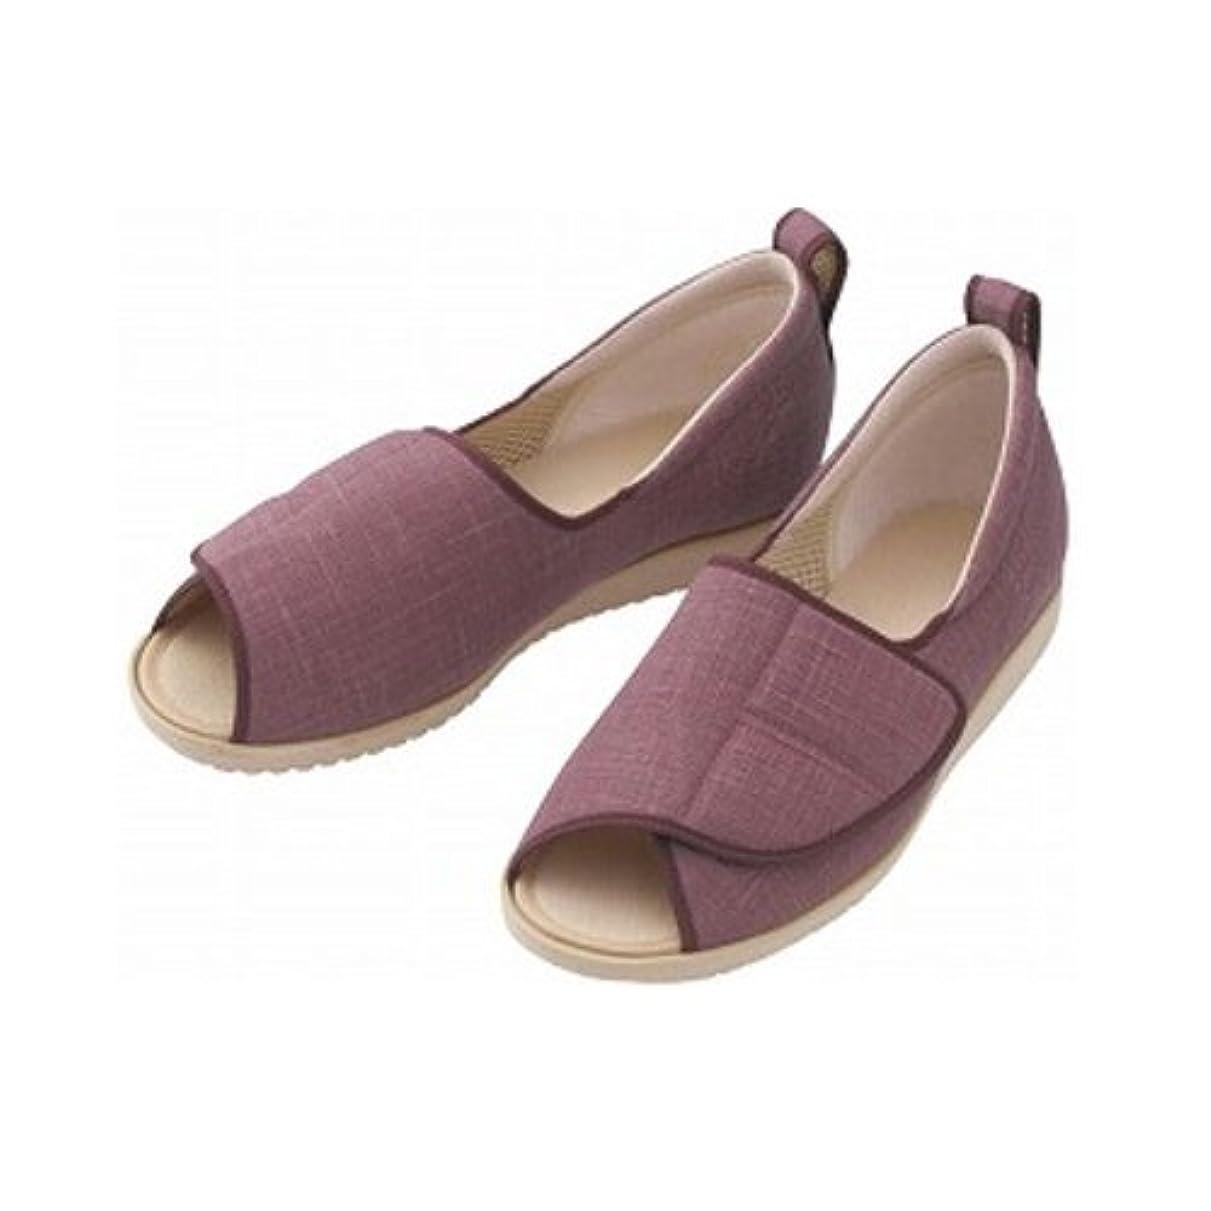 ハイキング船尾項目靴 介護用 オープン和(なごみ)1026 あゆみシリーズ LL 茶